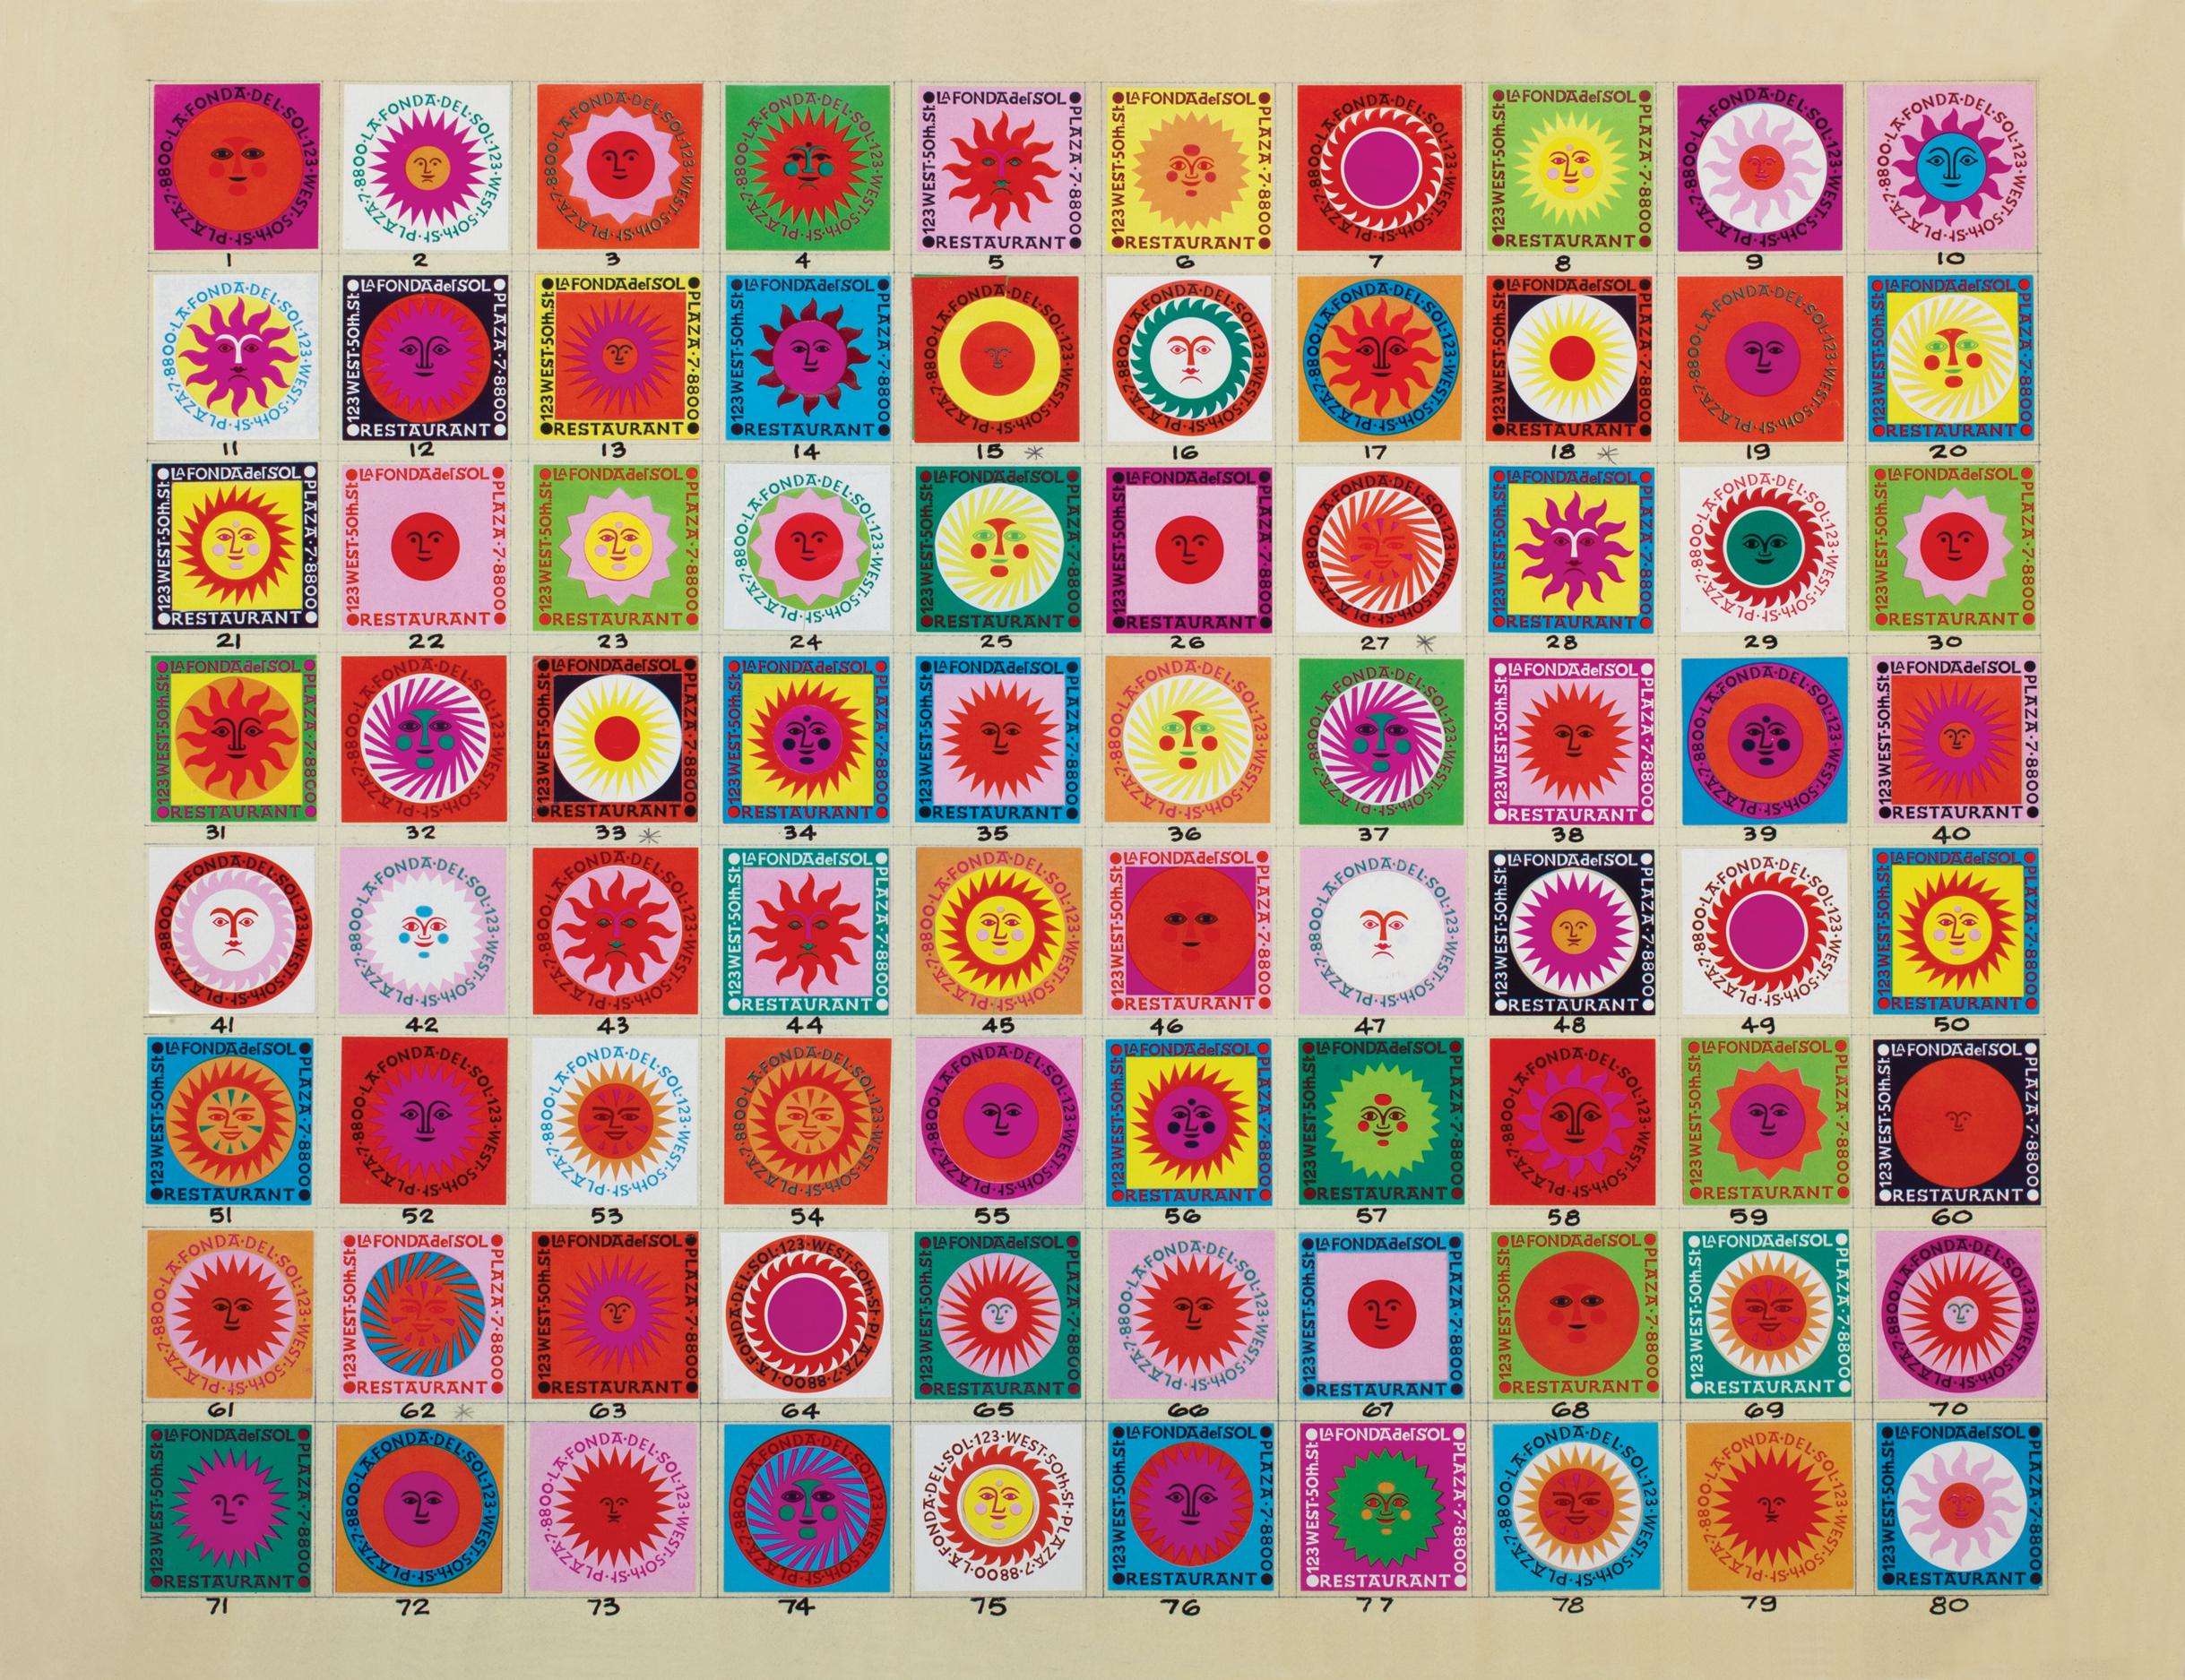 Diseño de cajas de cerillas del restaurante La Fonda del Sol, Alexander Girard, 1960. Cortesía del patrimonio de Alexander Girard y de Vitra Design Museum, Alemania.